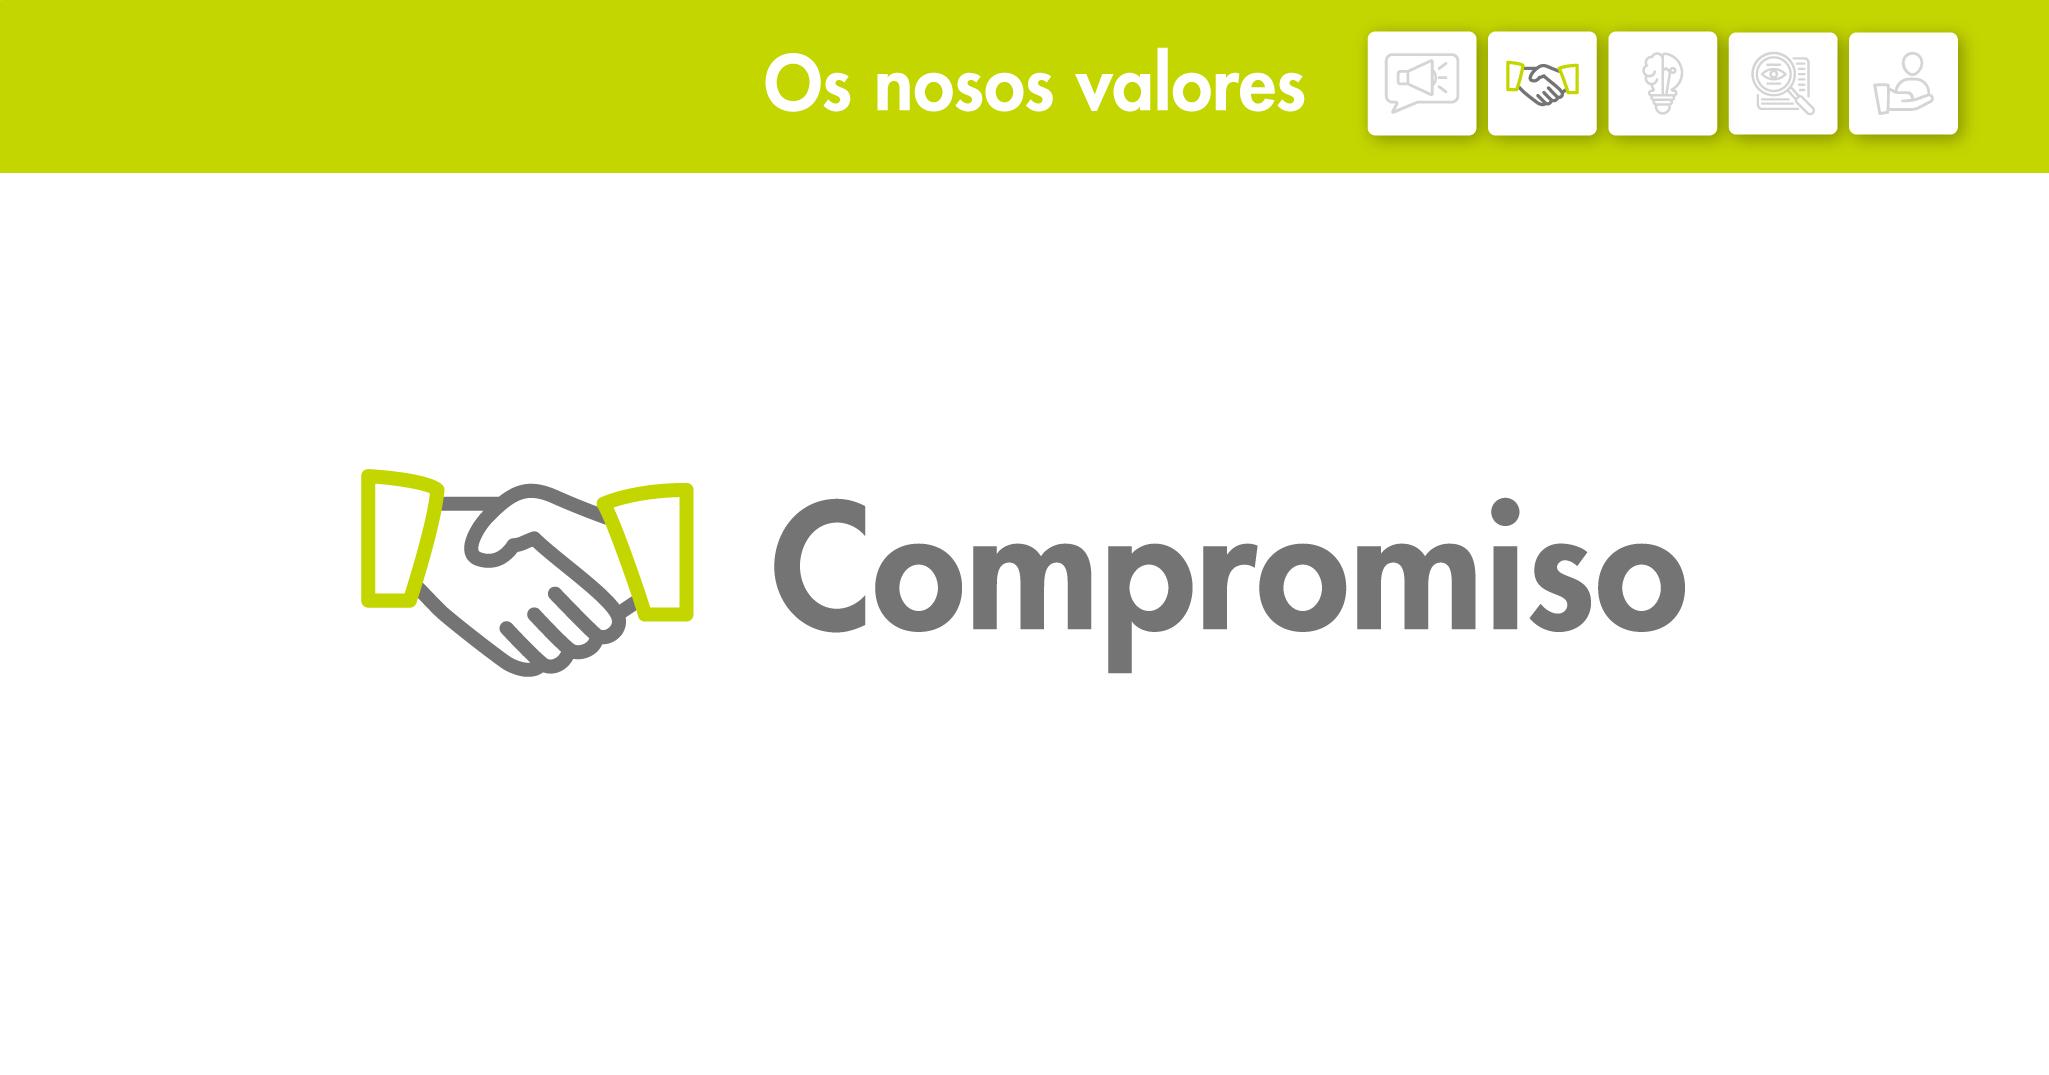 Os nosos valores: Compromiso